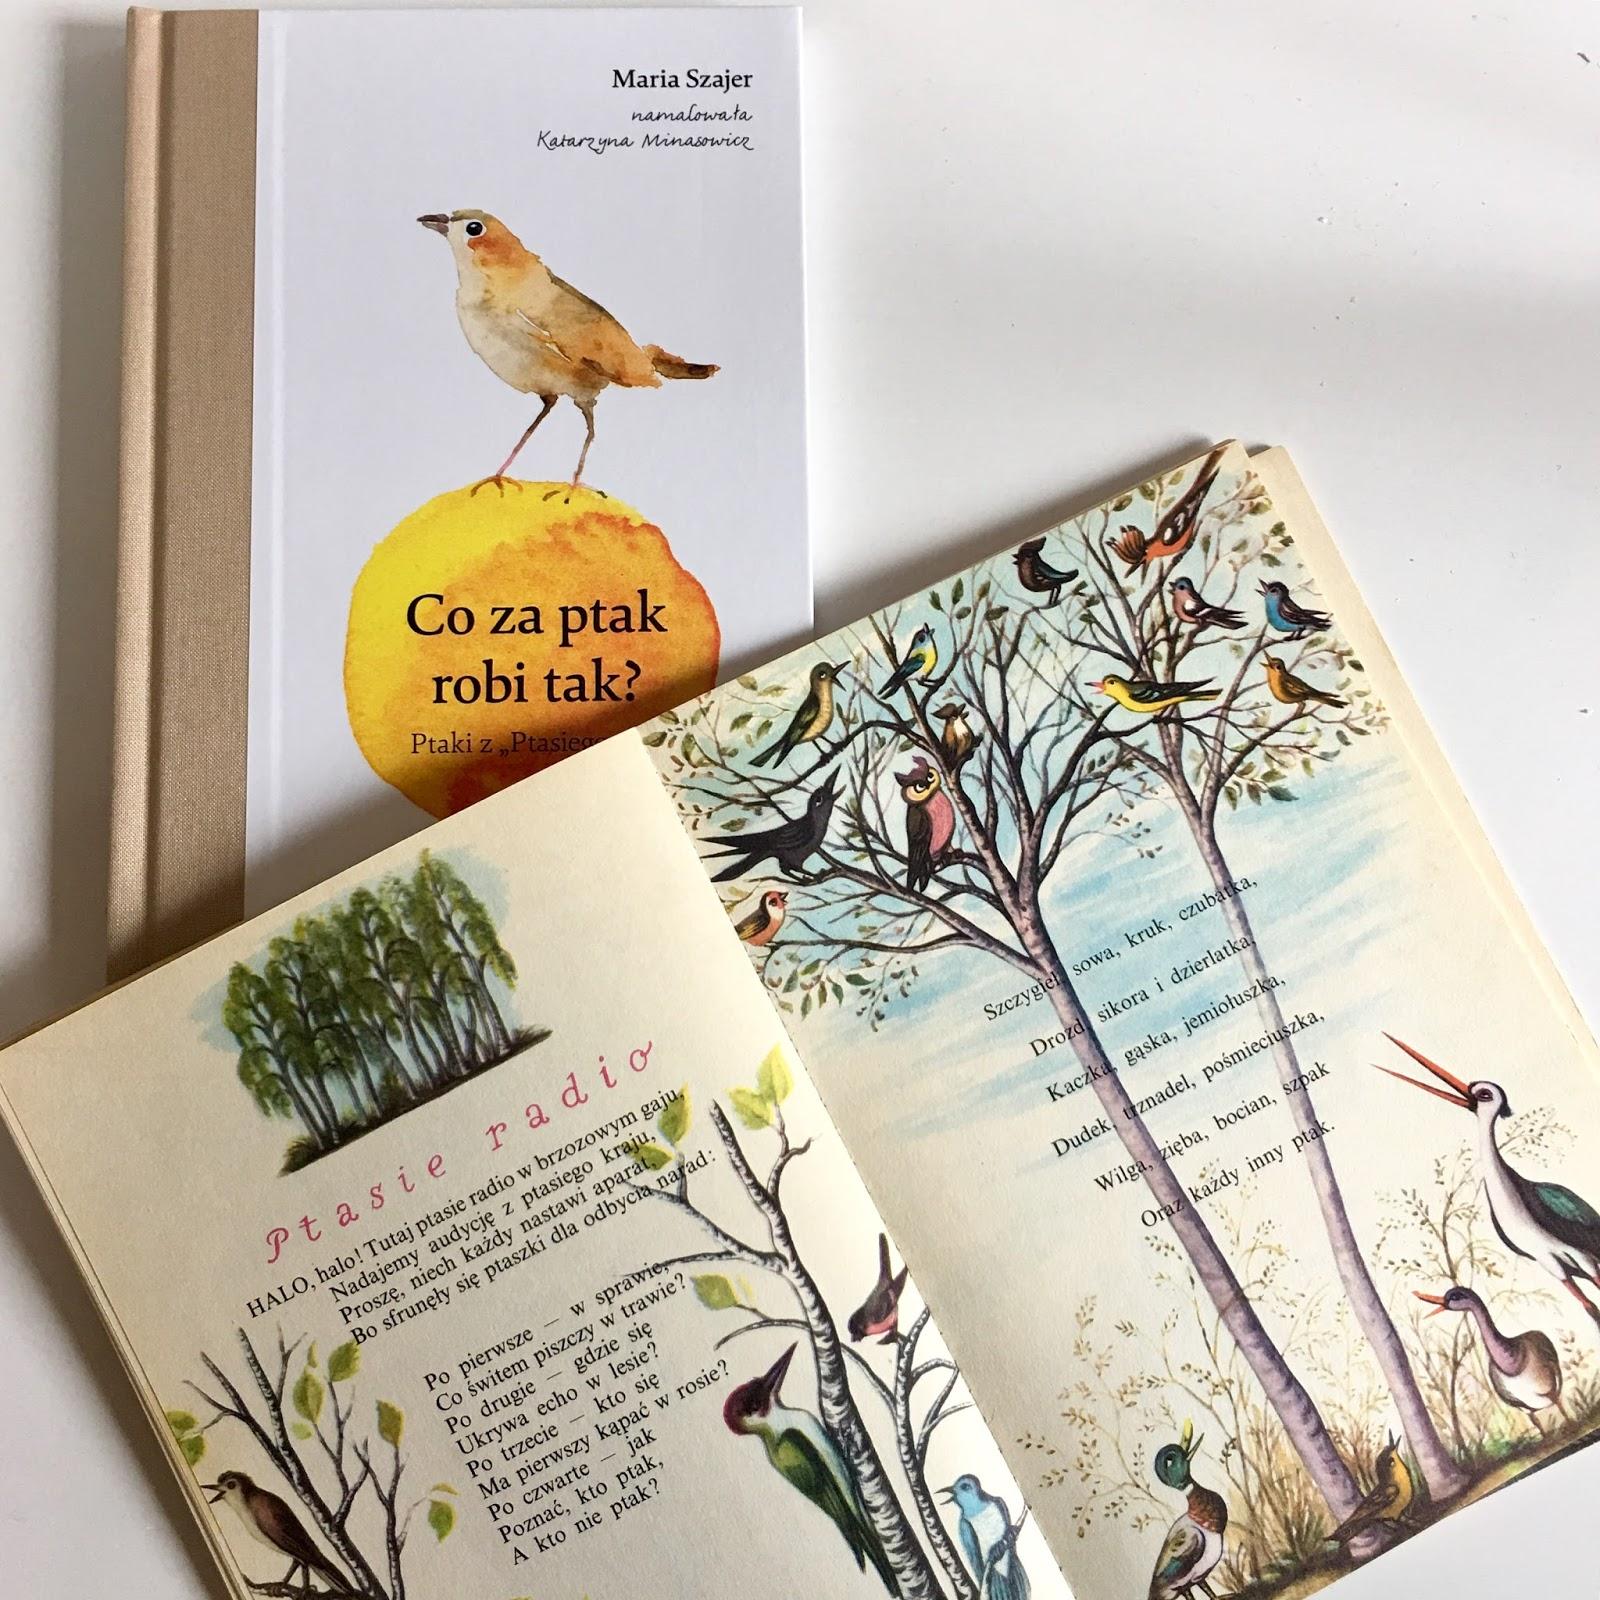 Poczytaj Dziecku Co Za Ptak Robi Tak